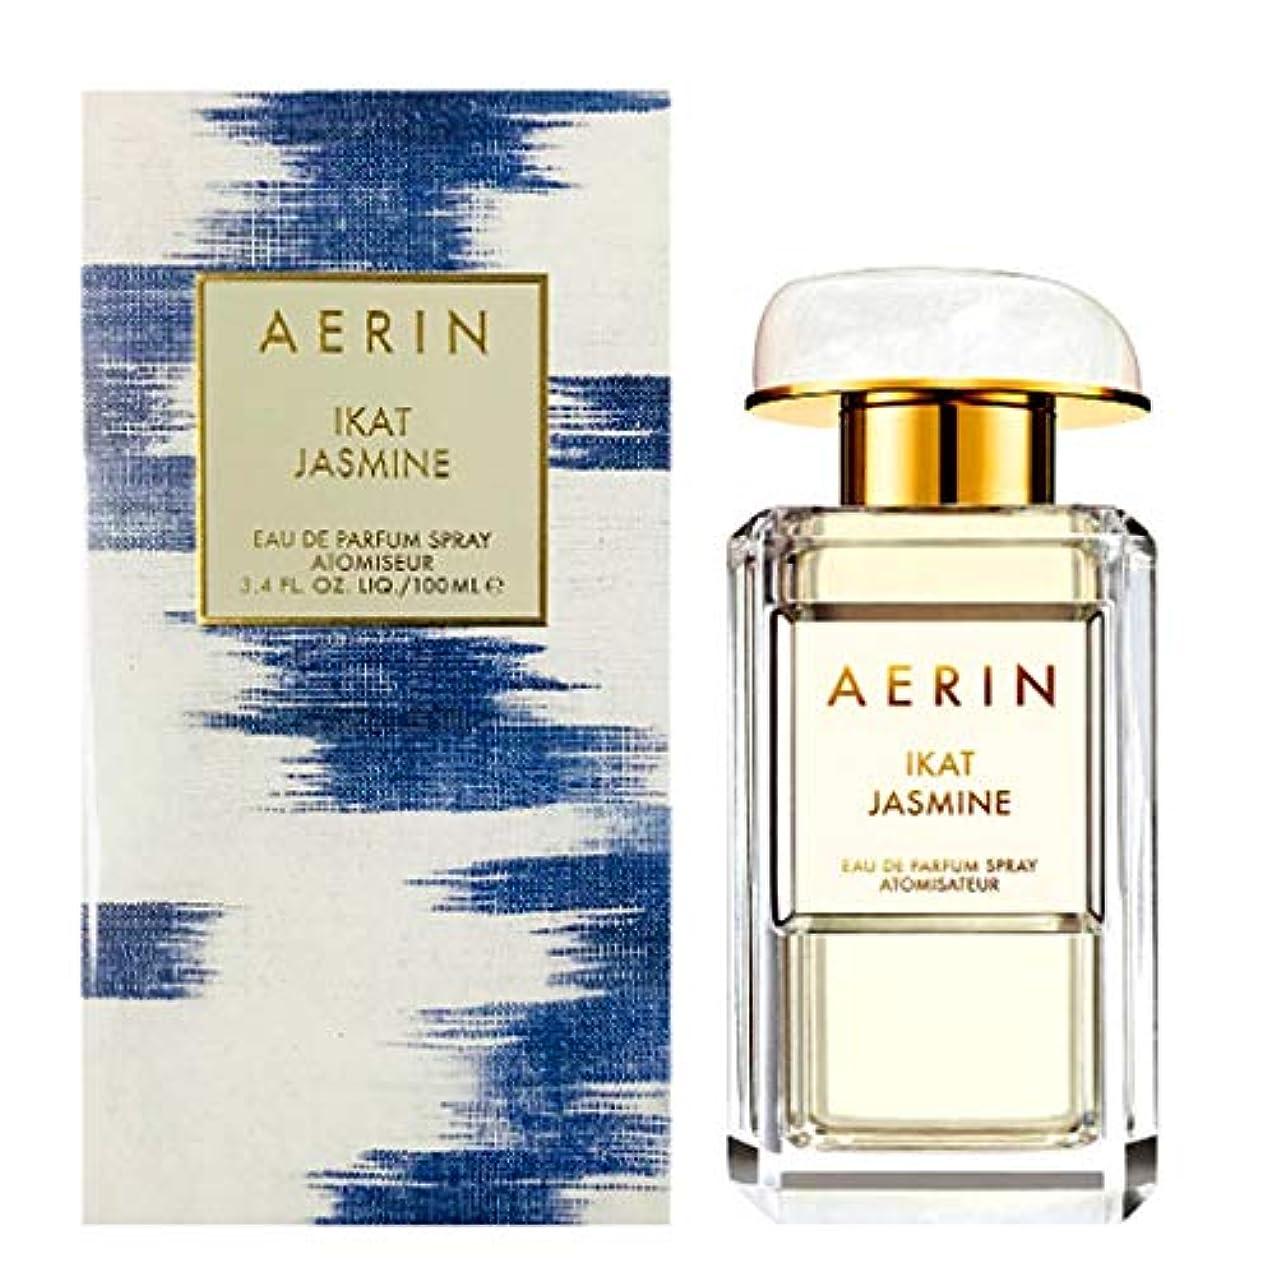 わかりやすい三角虐待AERIN 'Ikat Jasmine' (アエリン イカ ジャスミン) 3.4 oz (100ml) EDP Spray by エスティローダー(Estee Lauder) for Women